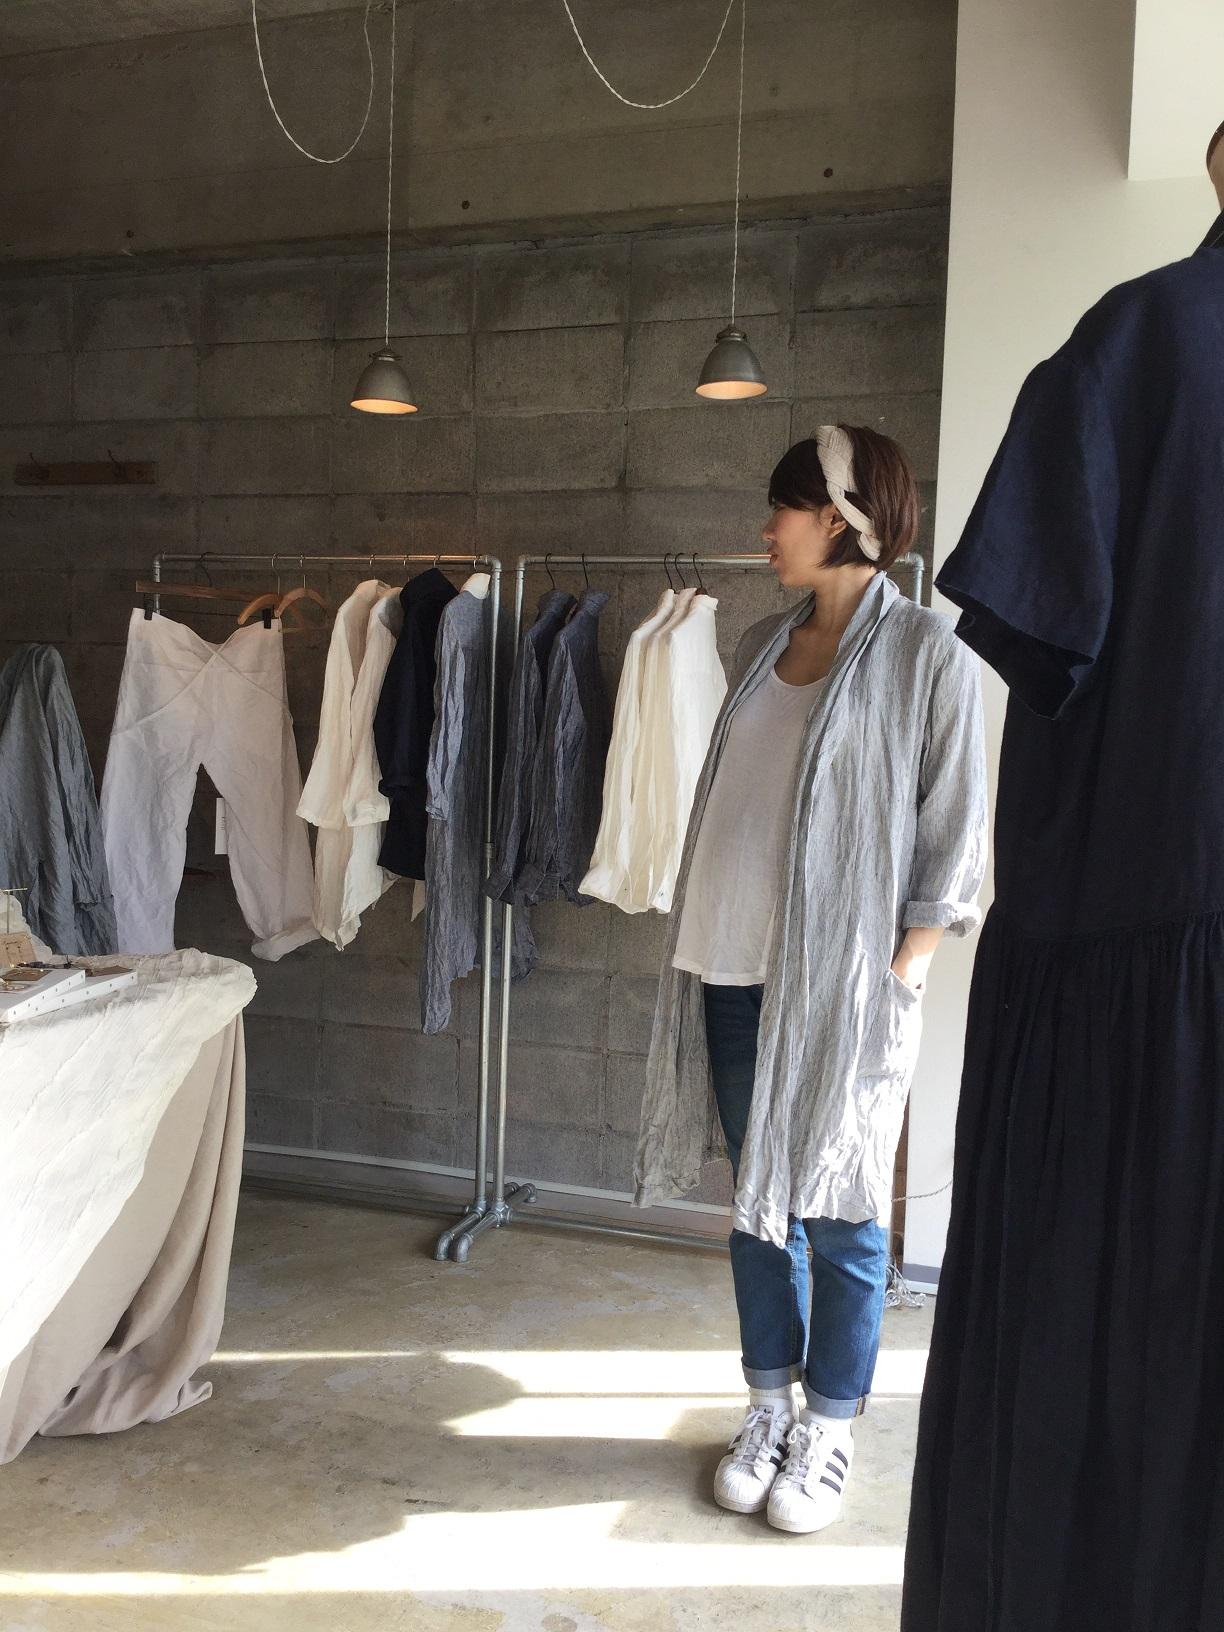 東京/町田 UTOKU 【My Closet Vol.4】